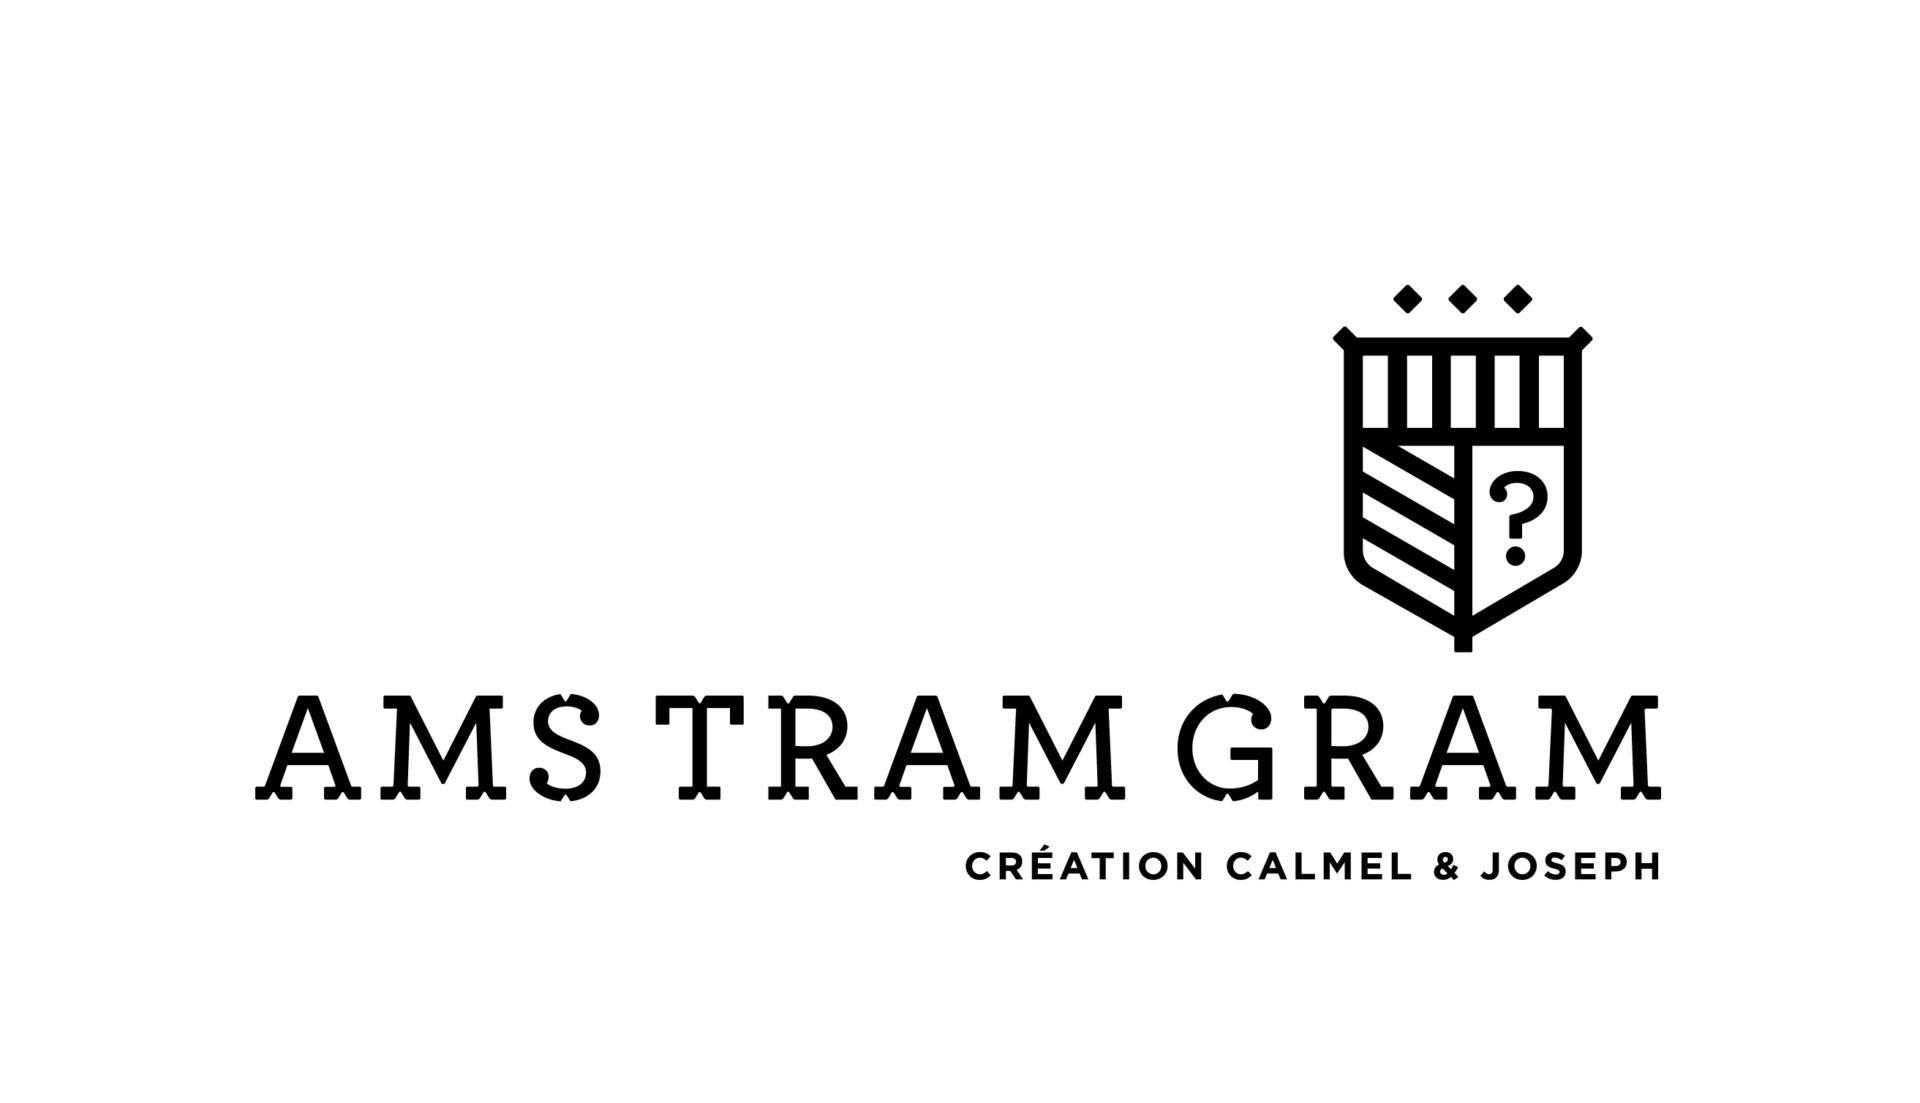 logo-amstramgram-calmel-et-joseph